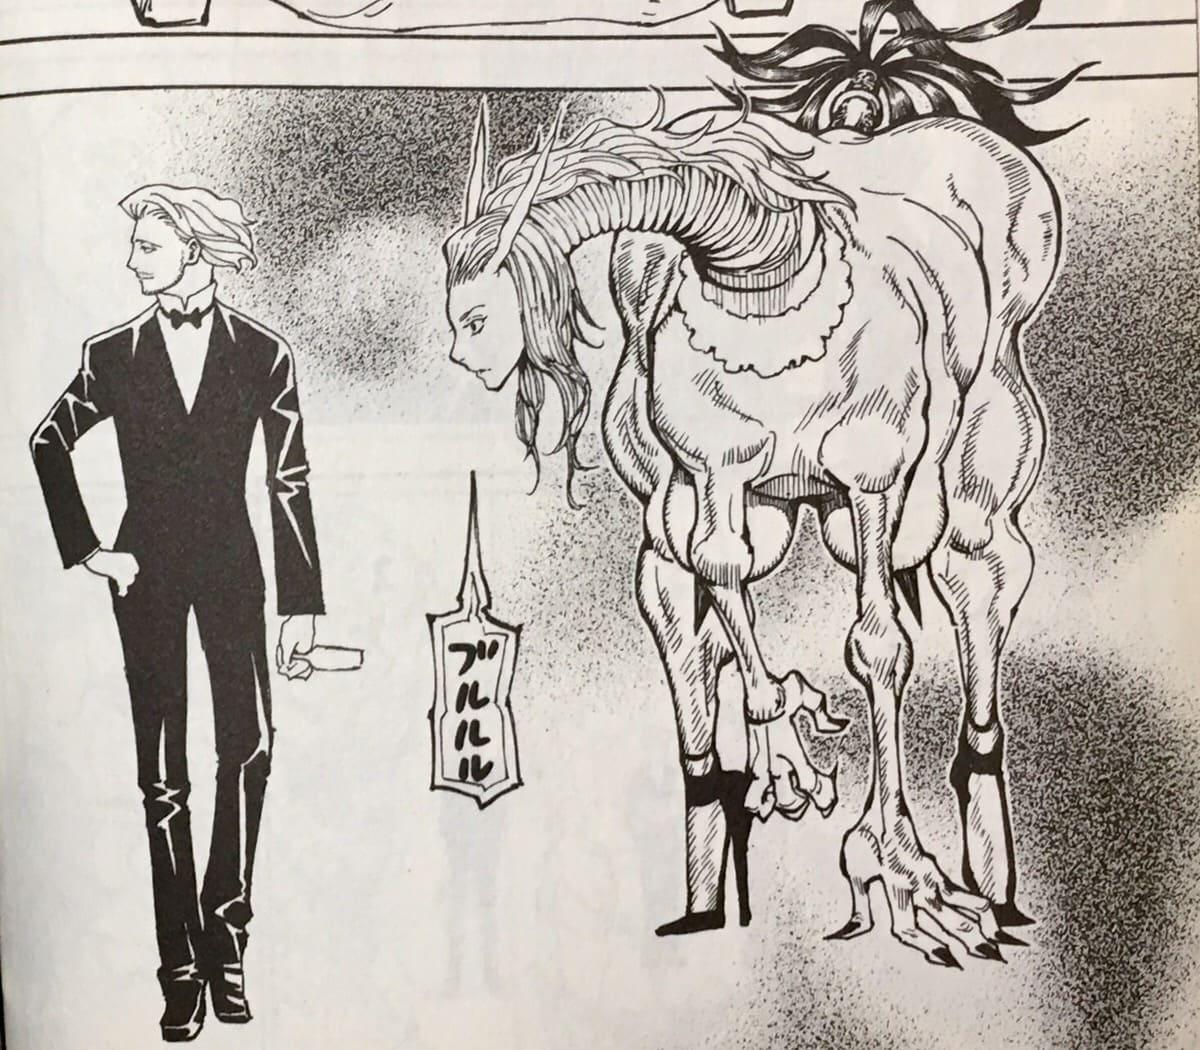 ツェリードニヒの念獣